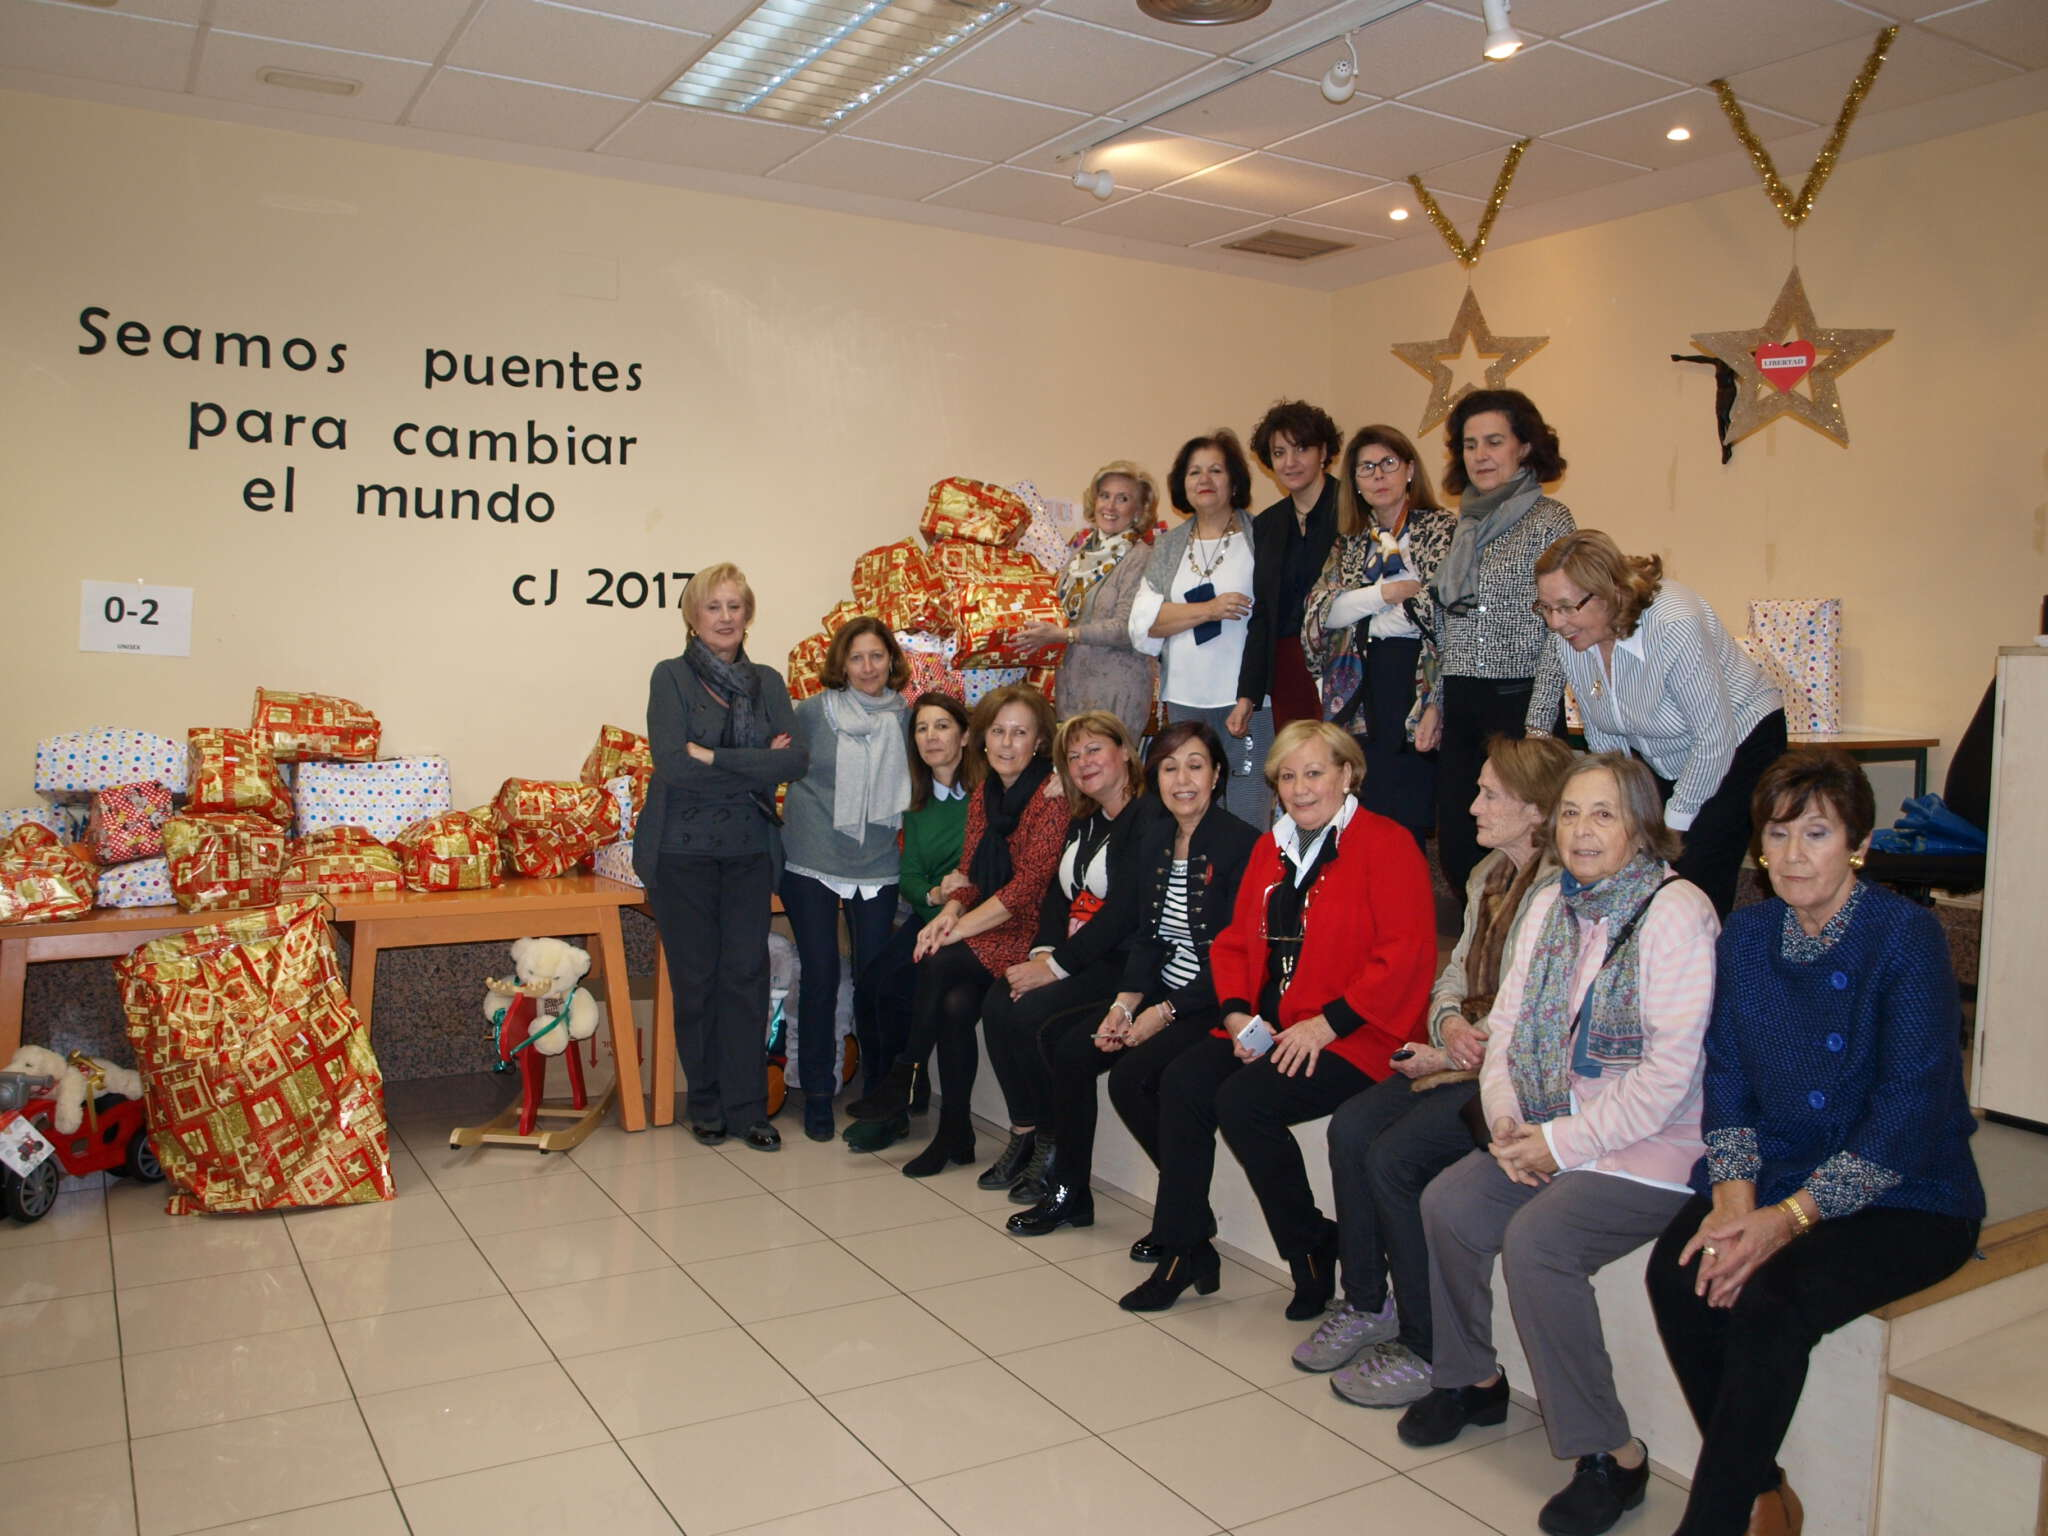 A partir del año 1986, y proclamado por las Naciones Unidas, se conmemora el 5 de diciembre el Día Internacional de los Voluntarios.